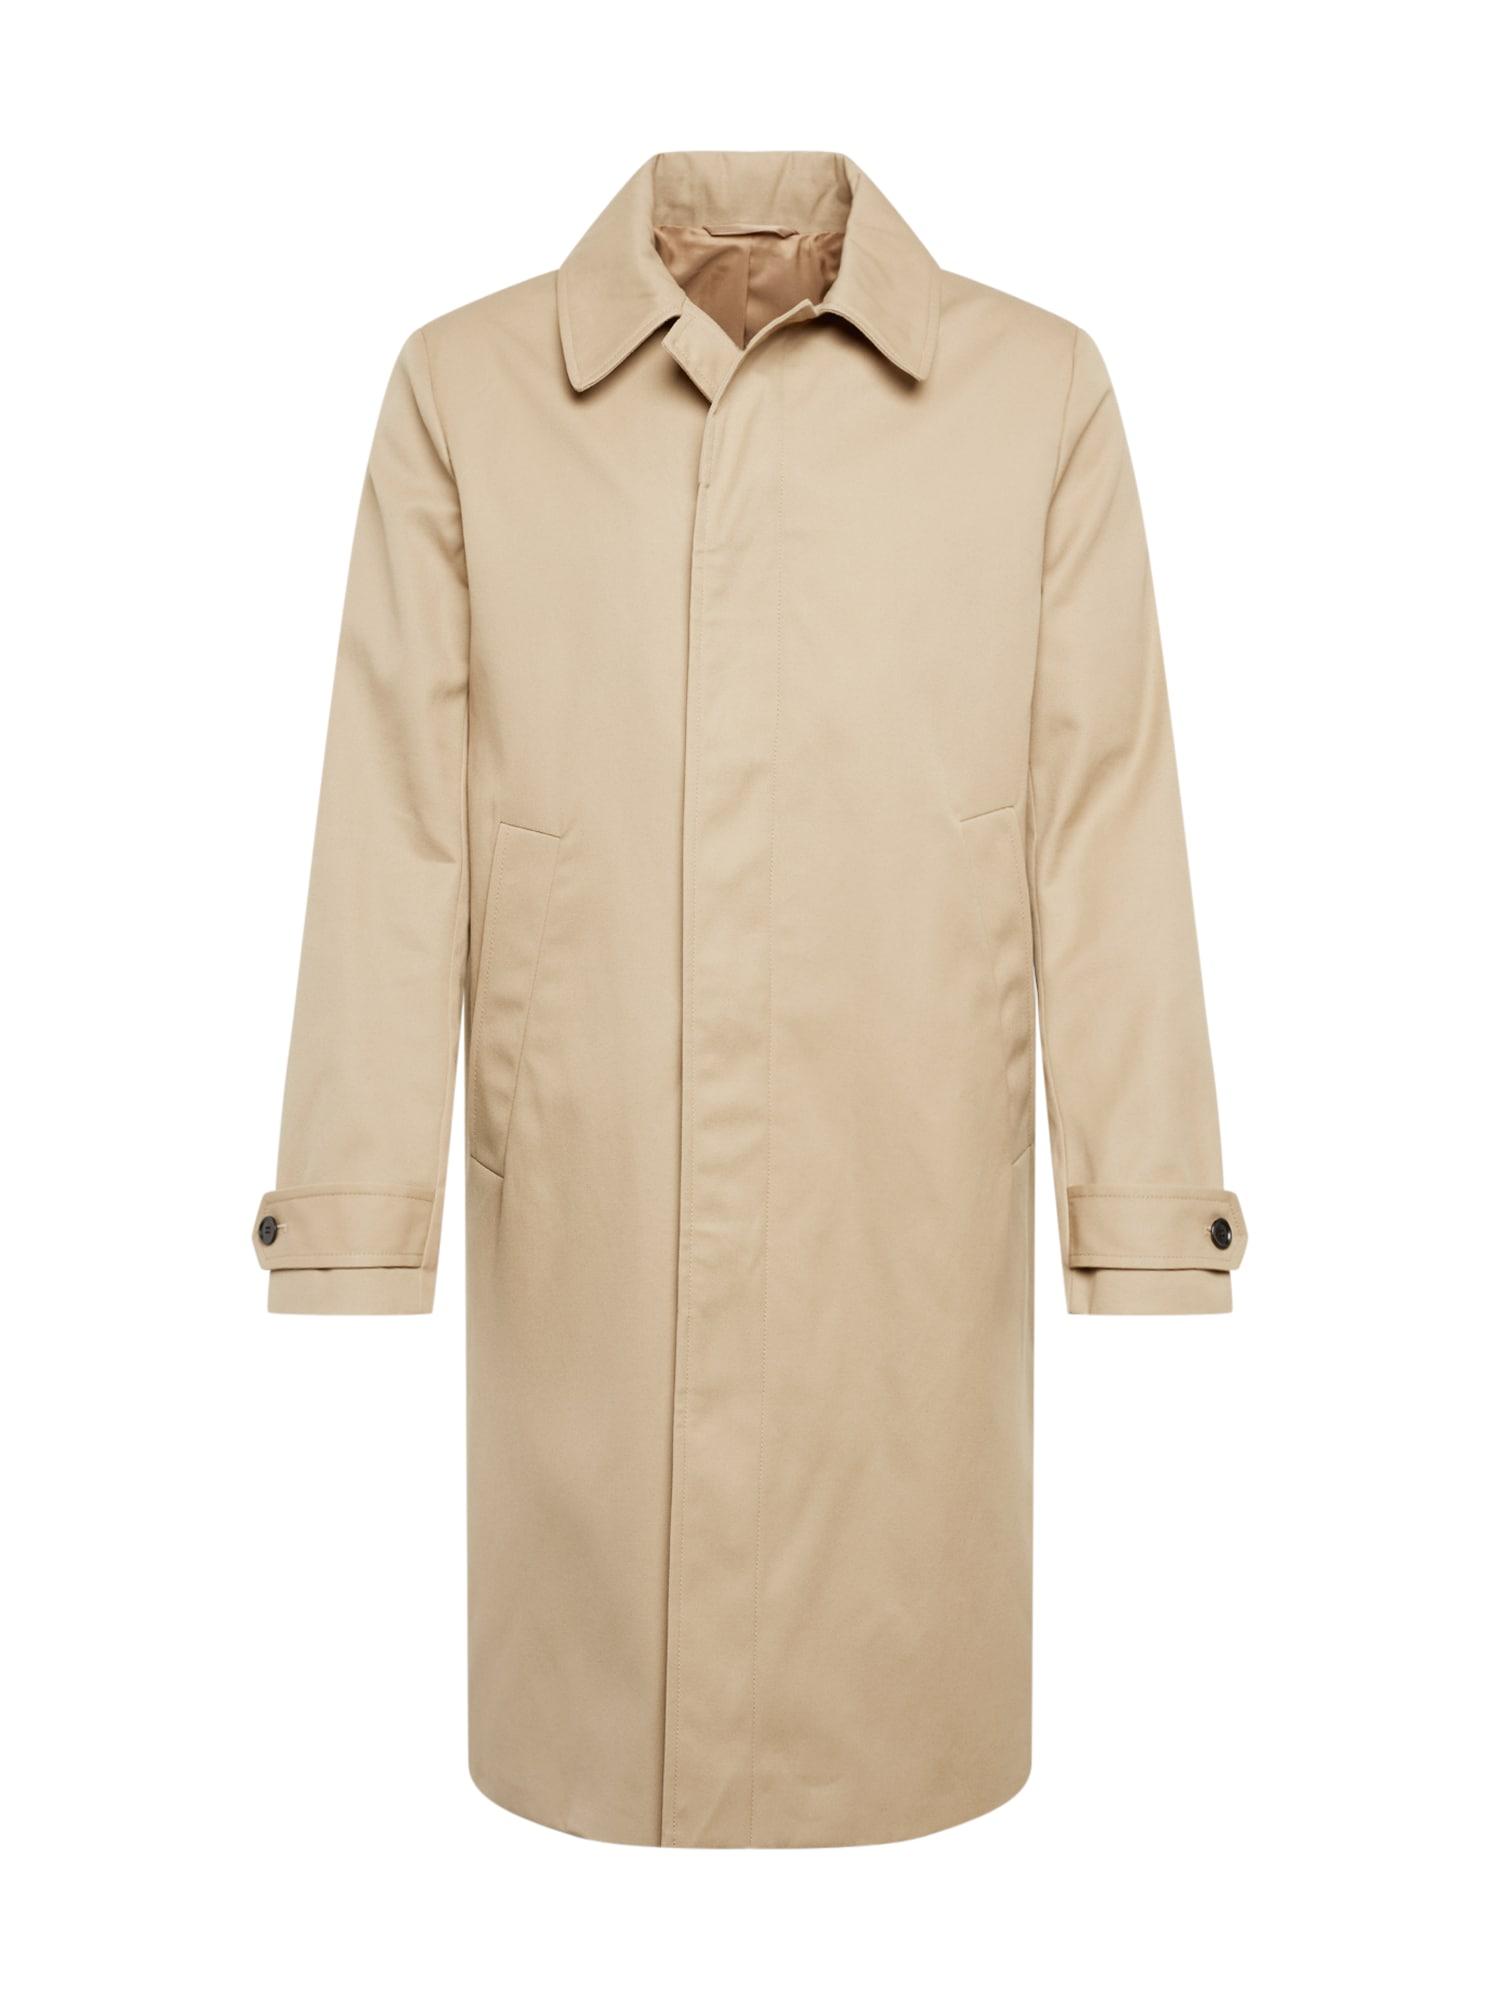 Filippa K Rudeninis-žieminis paltas 'Seaton' smėlio